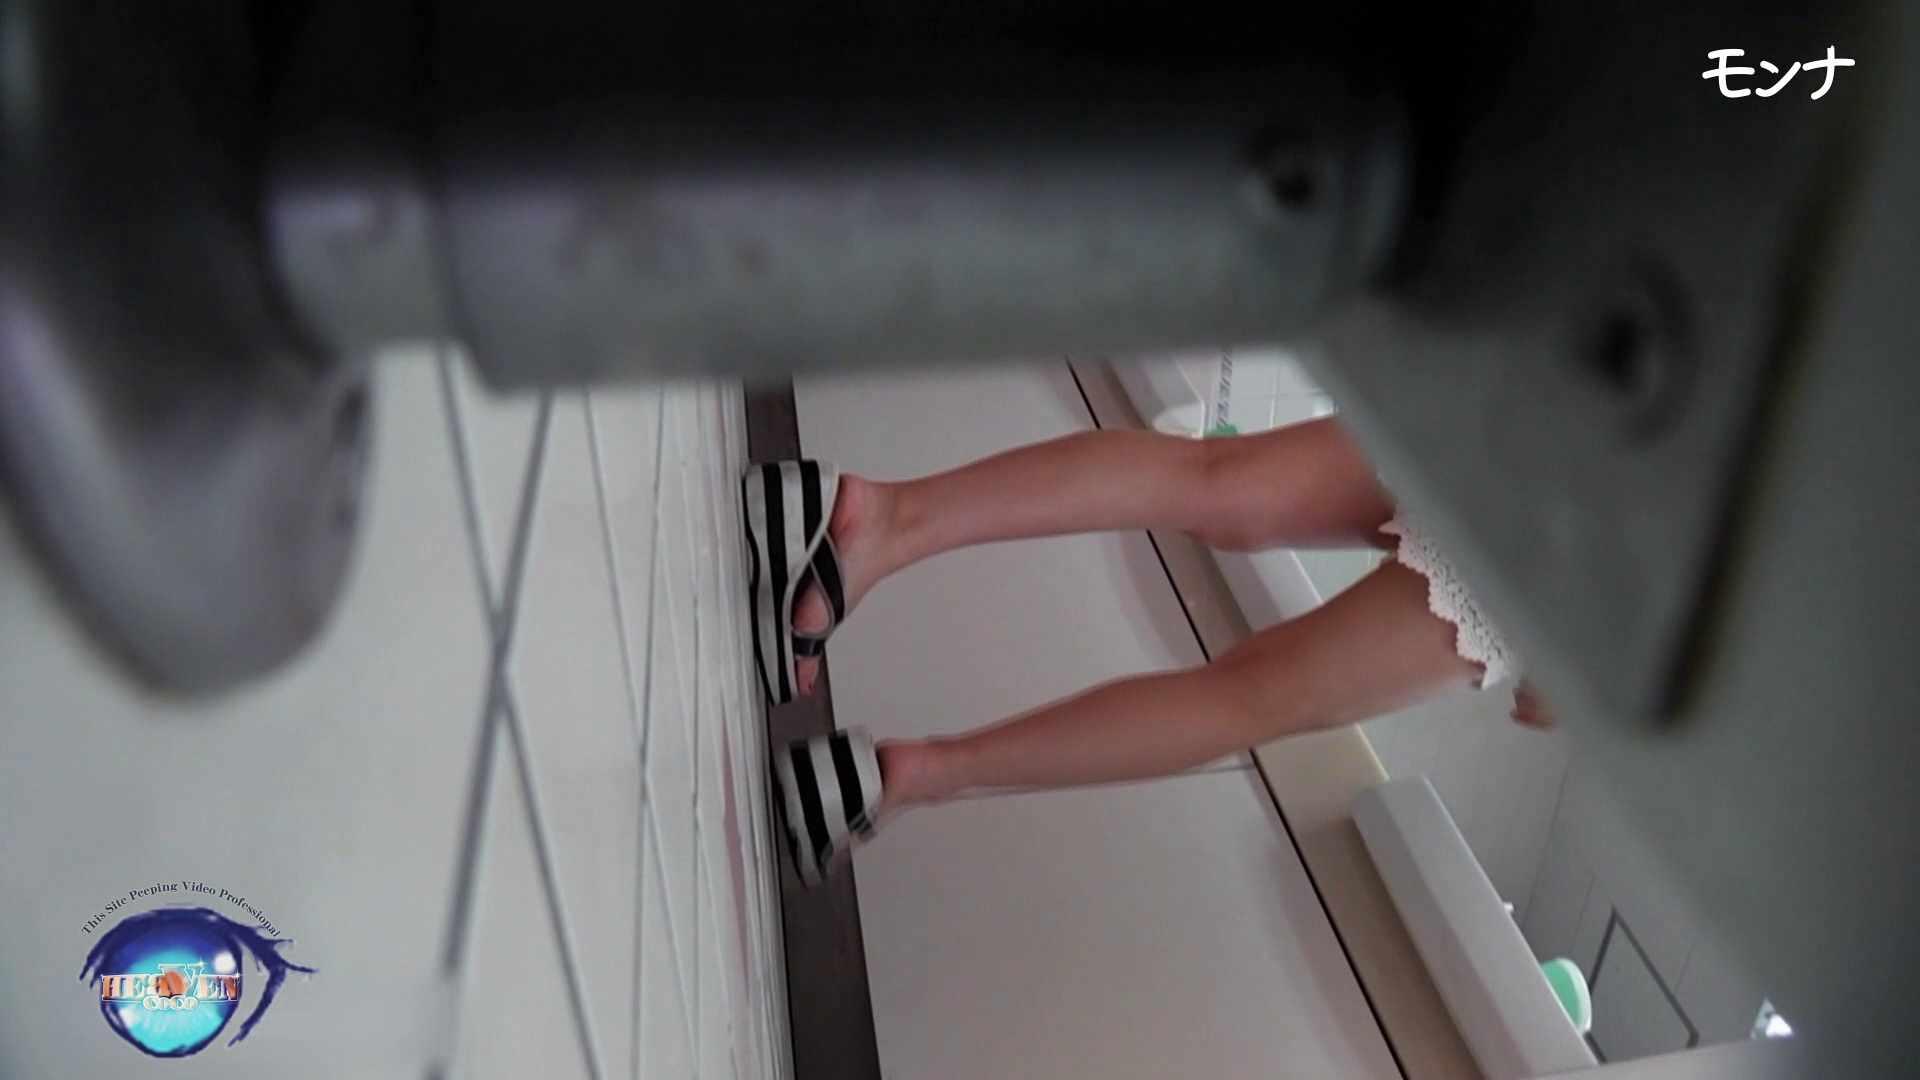 【美しい日本の未来】美しい日本の未来 No.75 たまらないくびれ 2 生え茂る 覗き ヌード画像 70pic 14